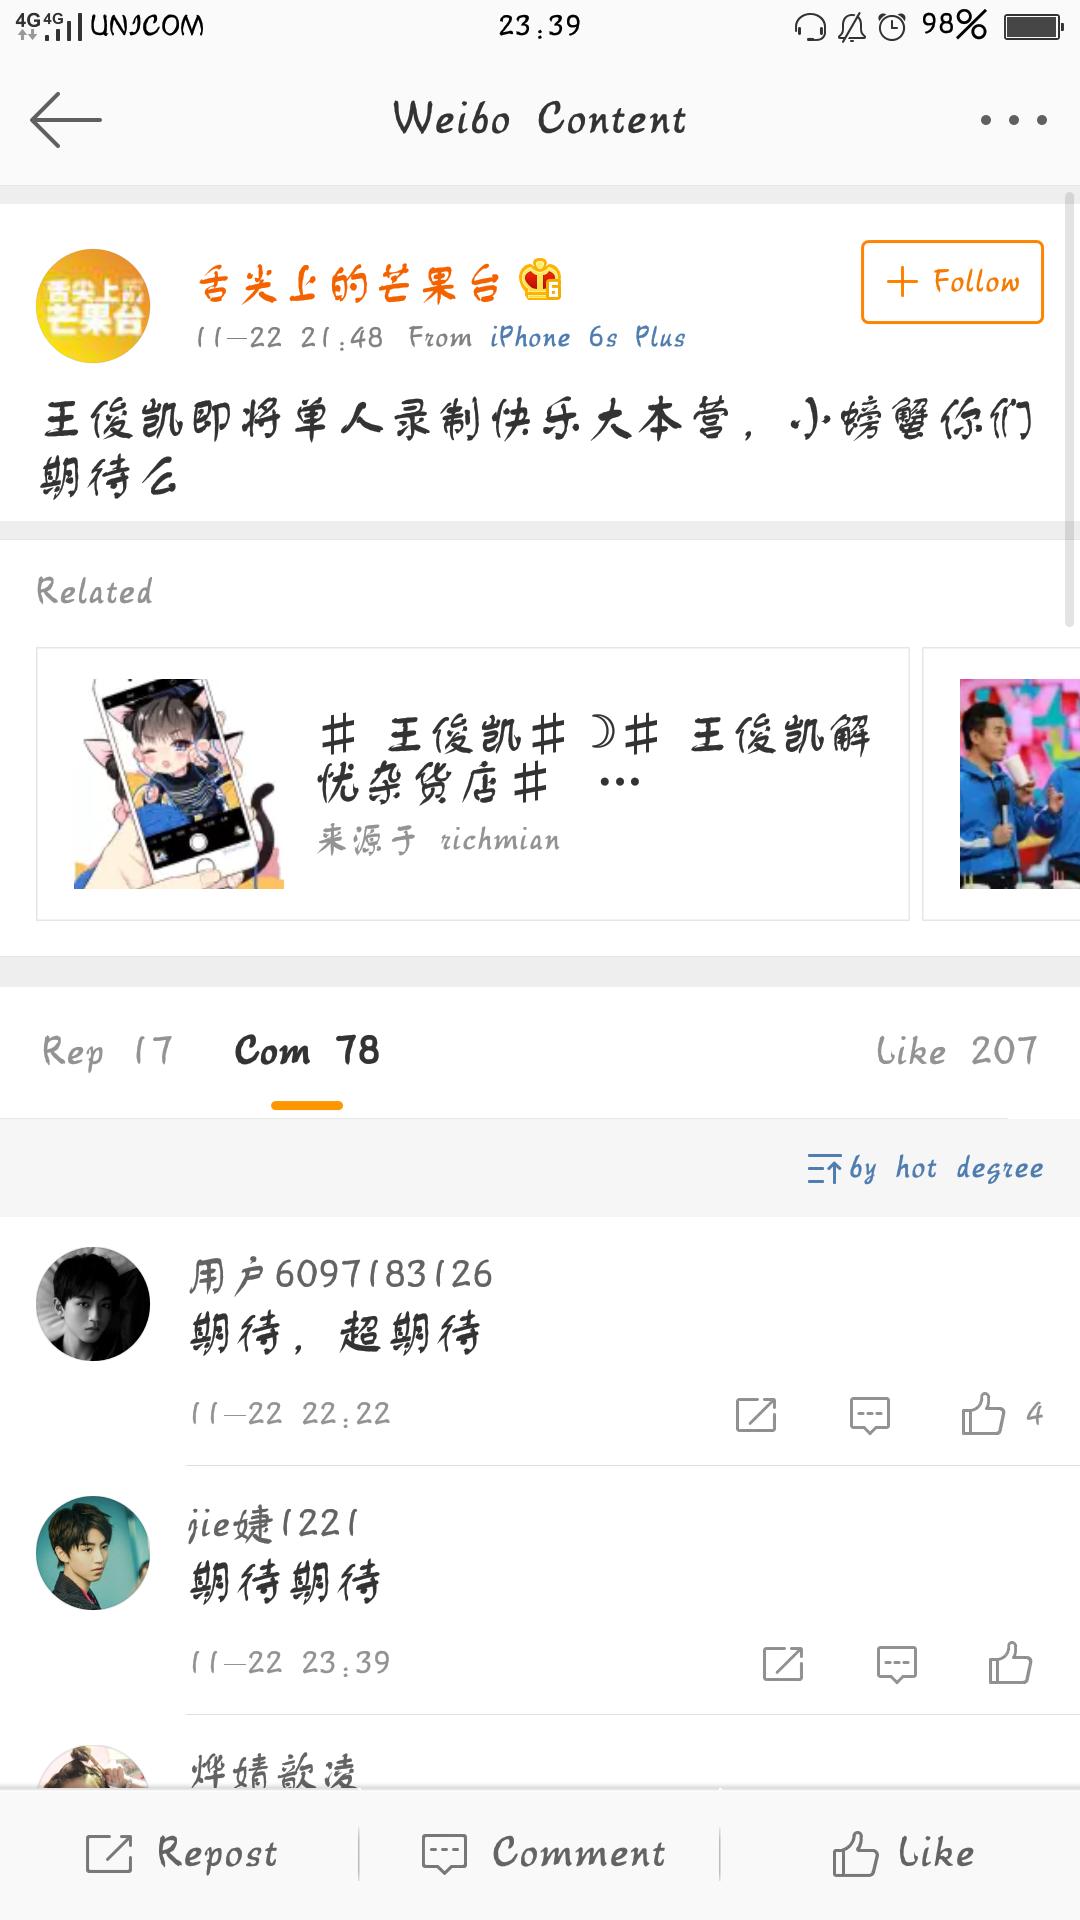 [TFBOYS][新闻]171122 【爆料】王俊凯将于12月中旬录制《快本》 宣传《解忧》